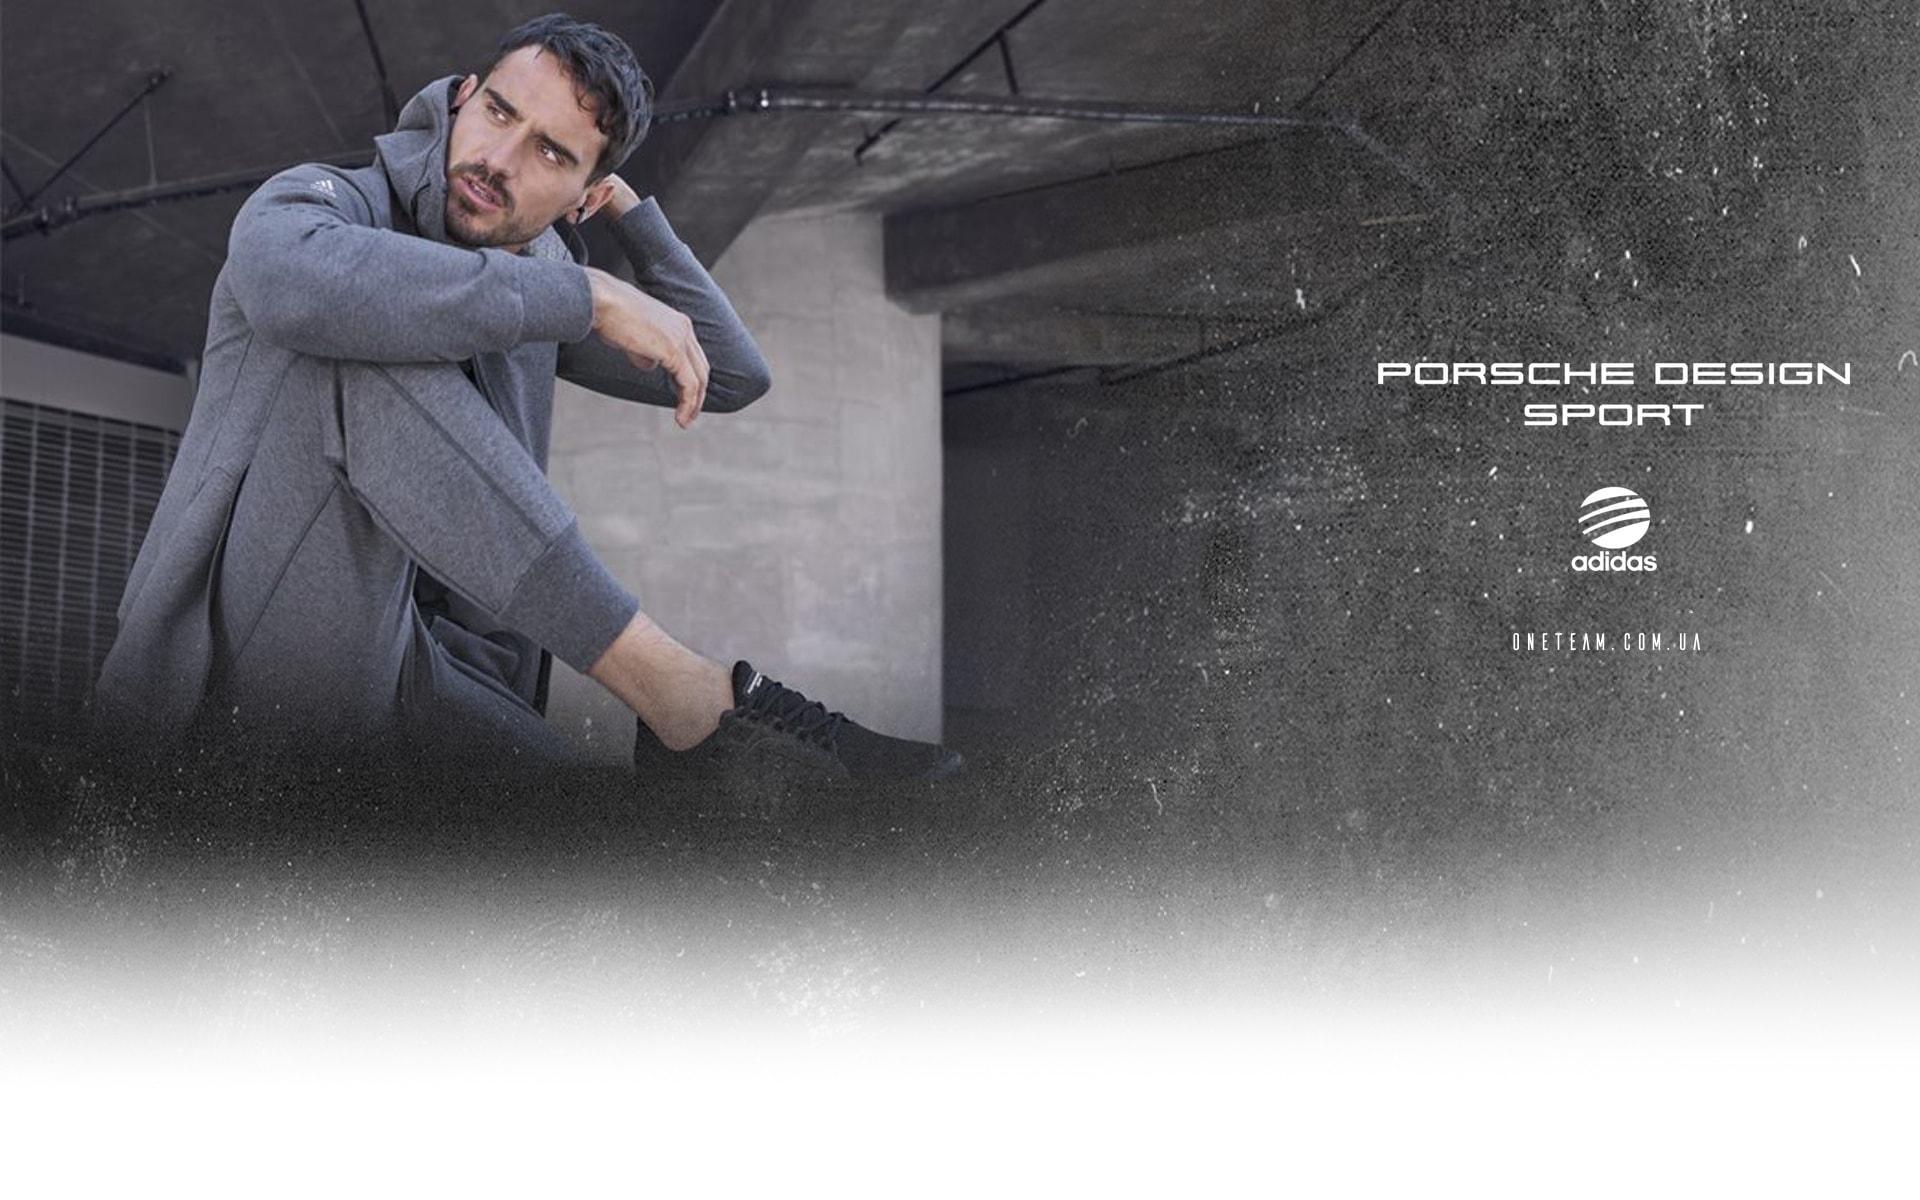 porsche_design_sport_by_adidas.jpg